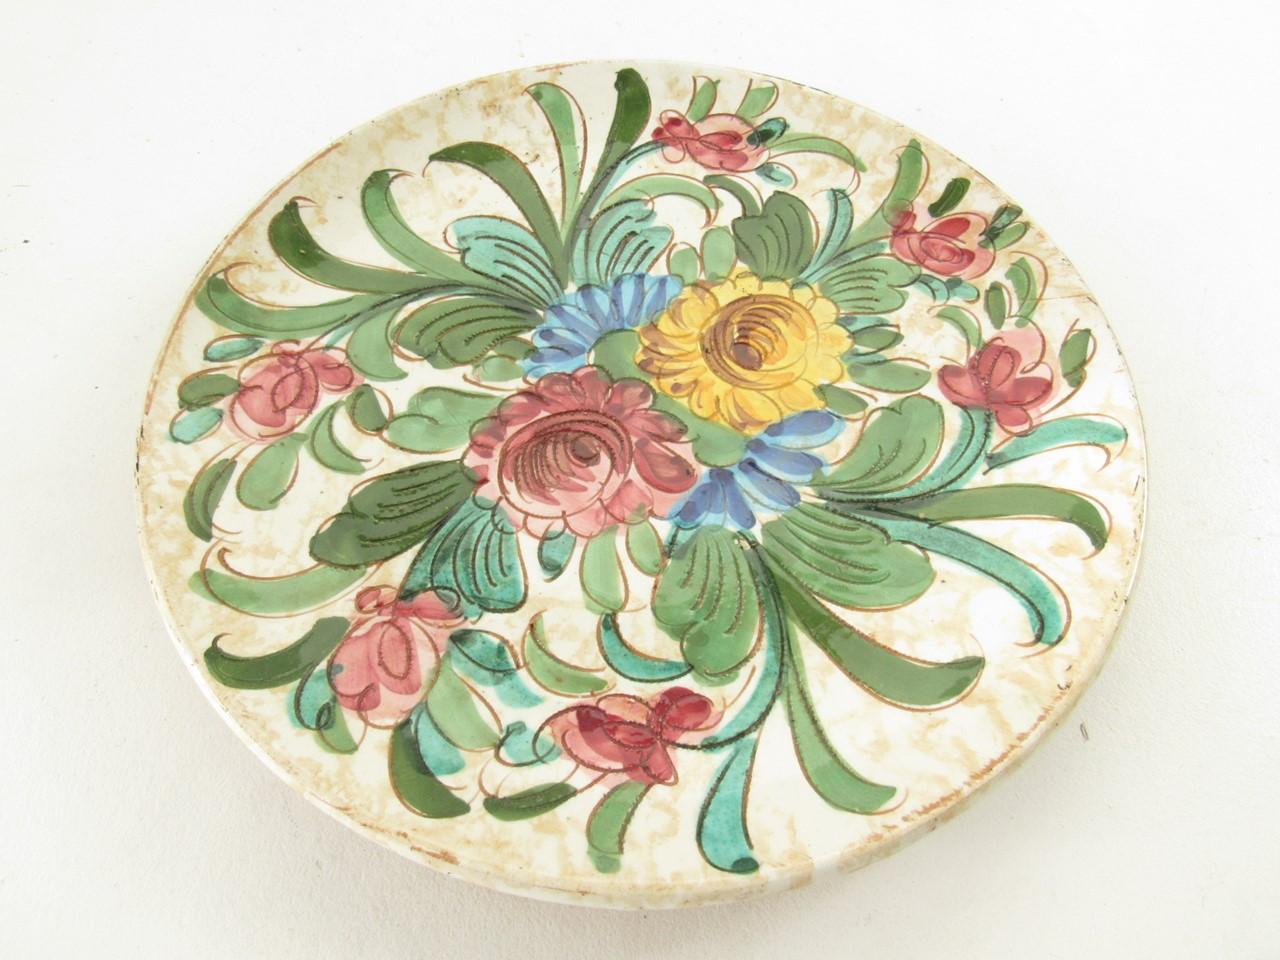 b uerliche keramik 11 st ck dekorative teller landhausstil sammlerparadies24. Black Bedroom Furniture Sets. Home Design Ideas